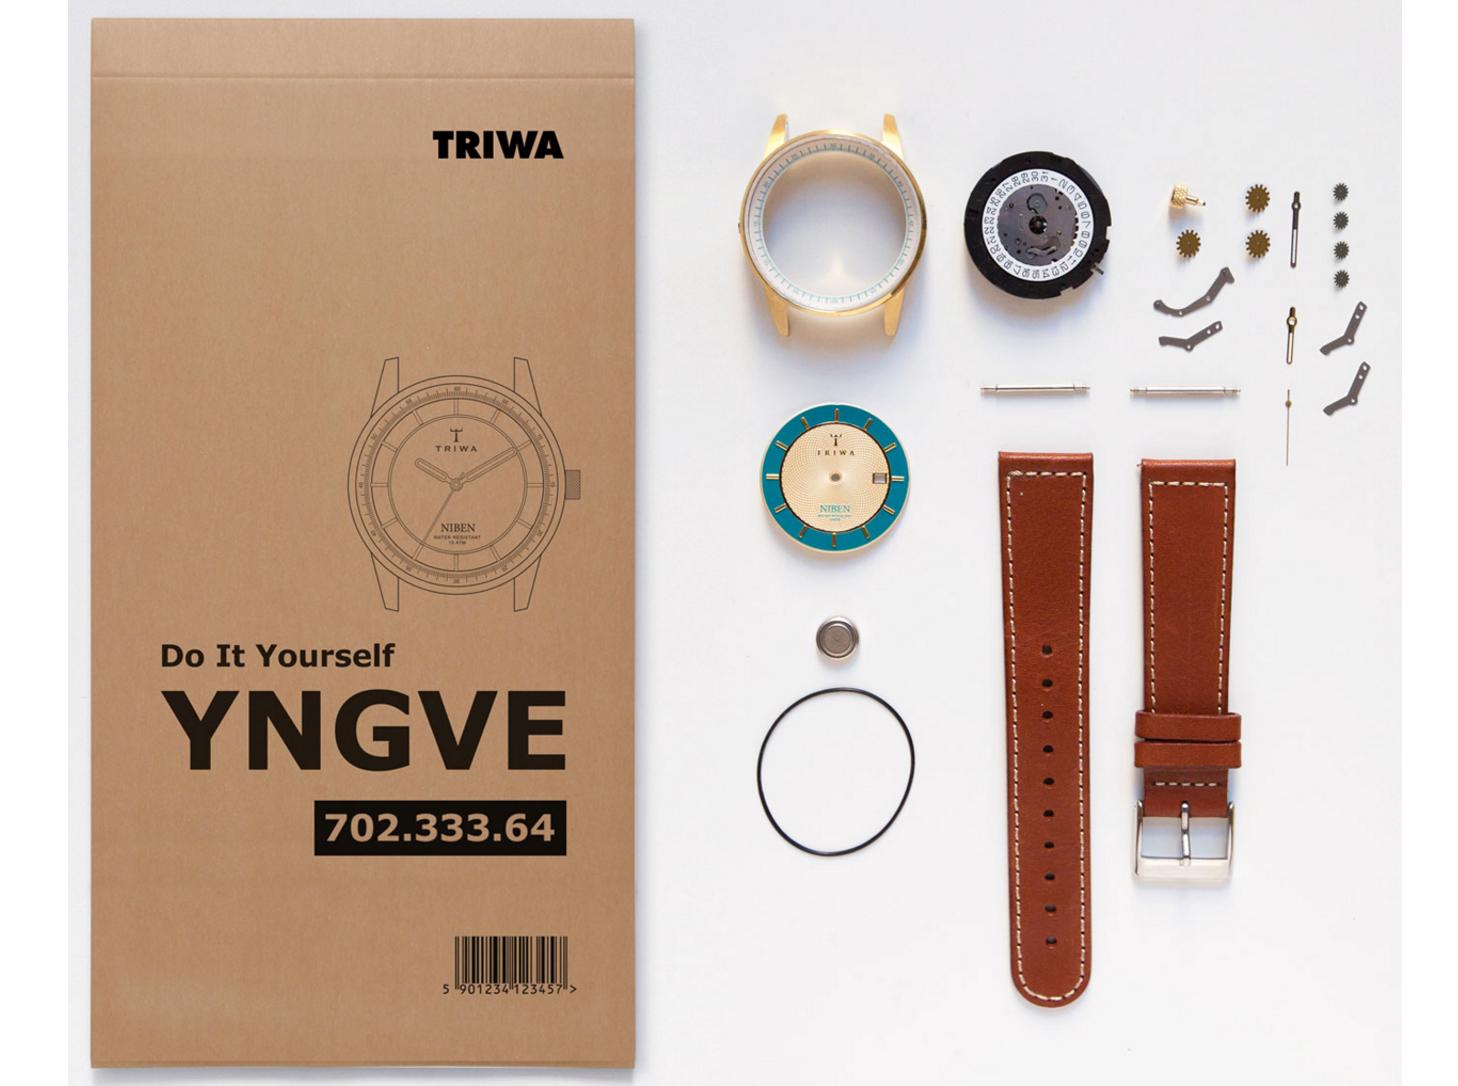 分でじっくり組み立てる、スウェーデン発のDIY腕時計